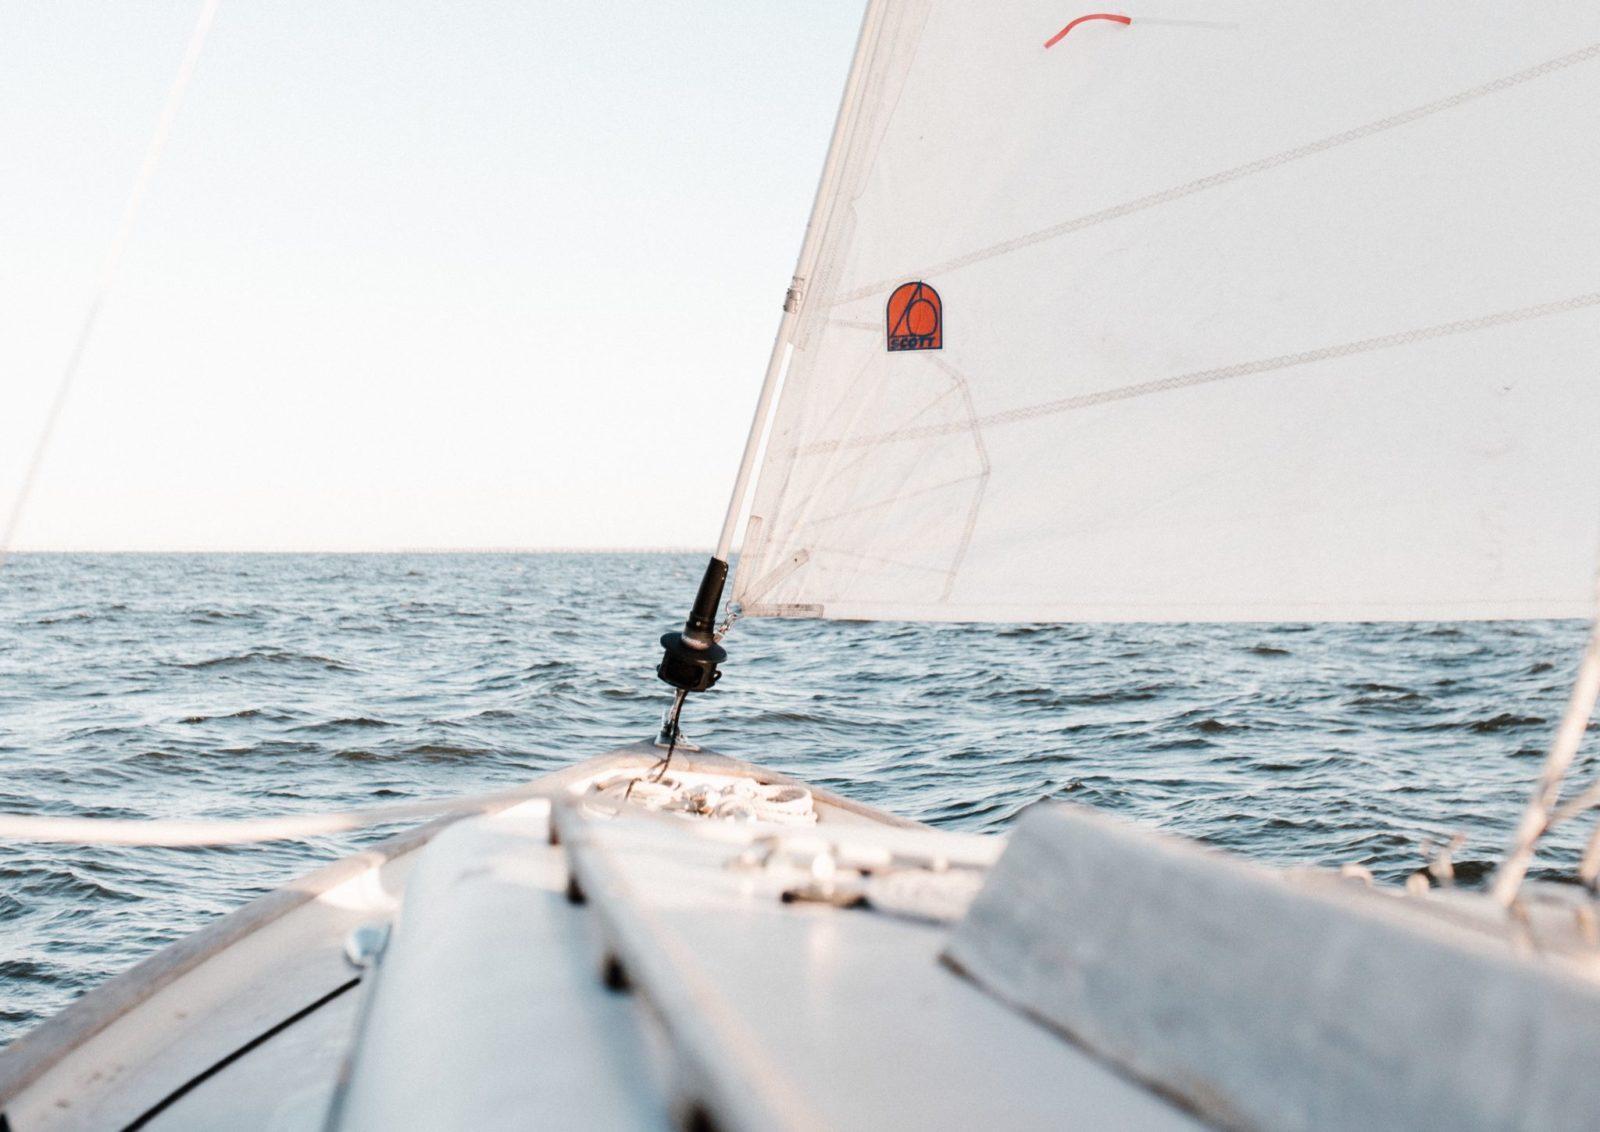 Viden om sejlads: 10 maritime ord og udtryk værd at kende